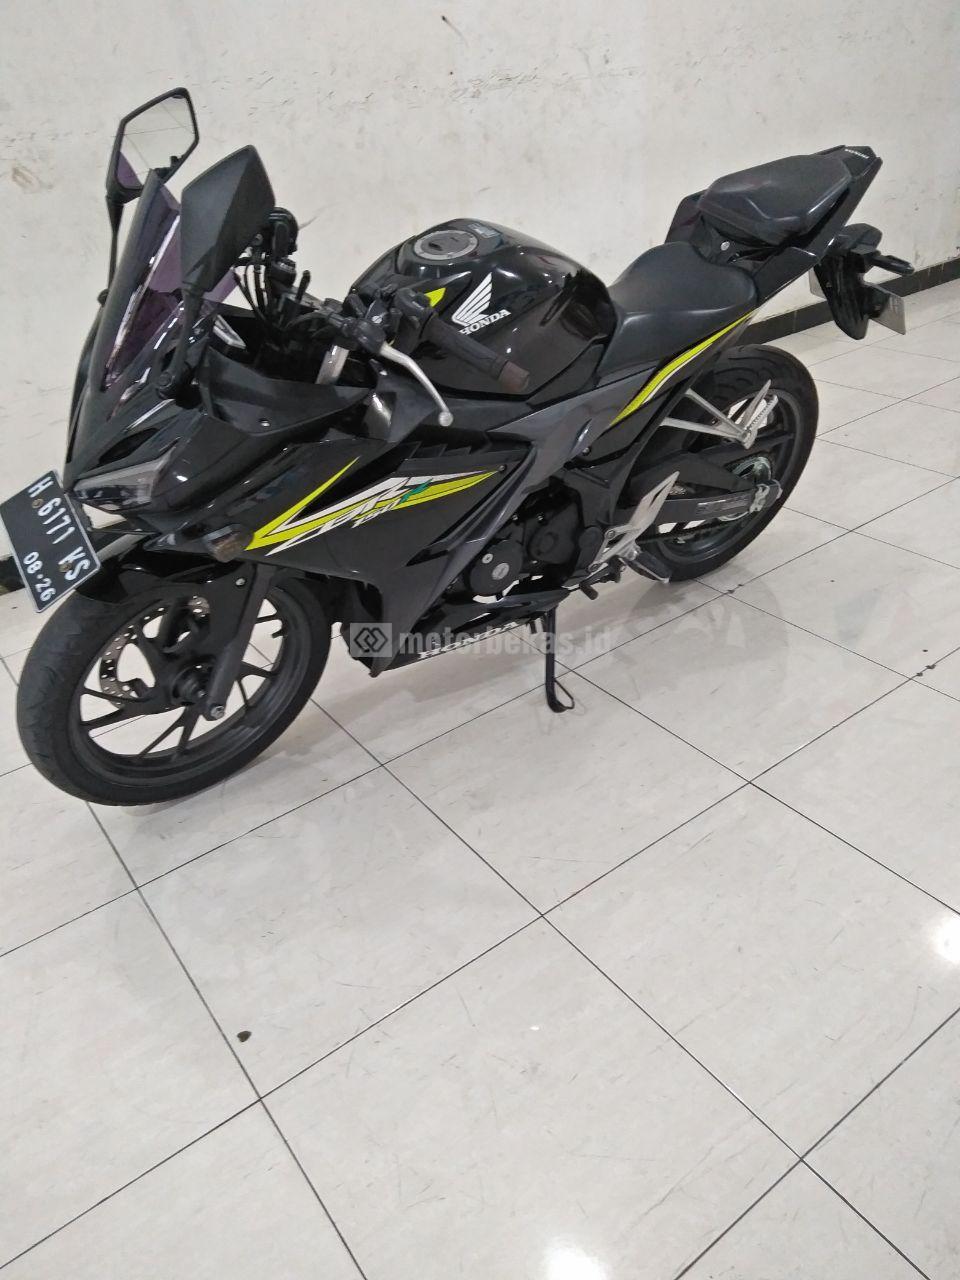 HONDA CBR 150R  3856 motorbekas.id